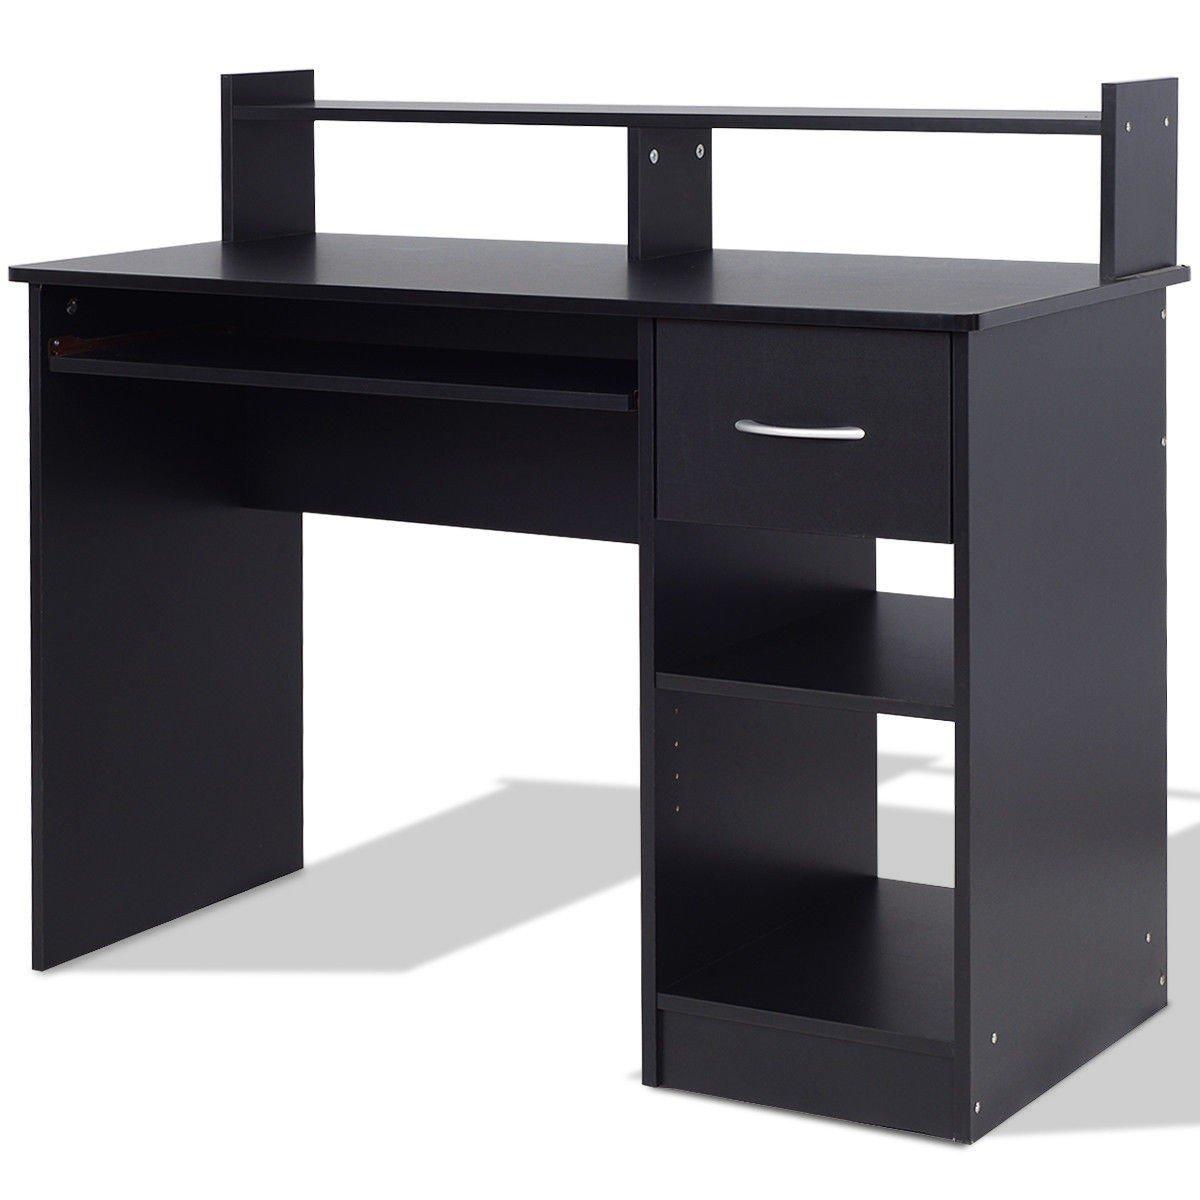 CHOOSEandBUY Modern Computer Desk Workstation w/Storage Drawer & Shelf Desk Computer Table Laptop Office Workstation Black Modern Home